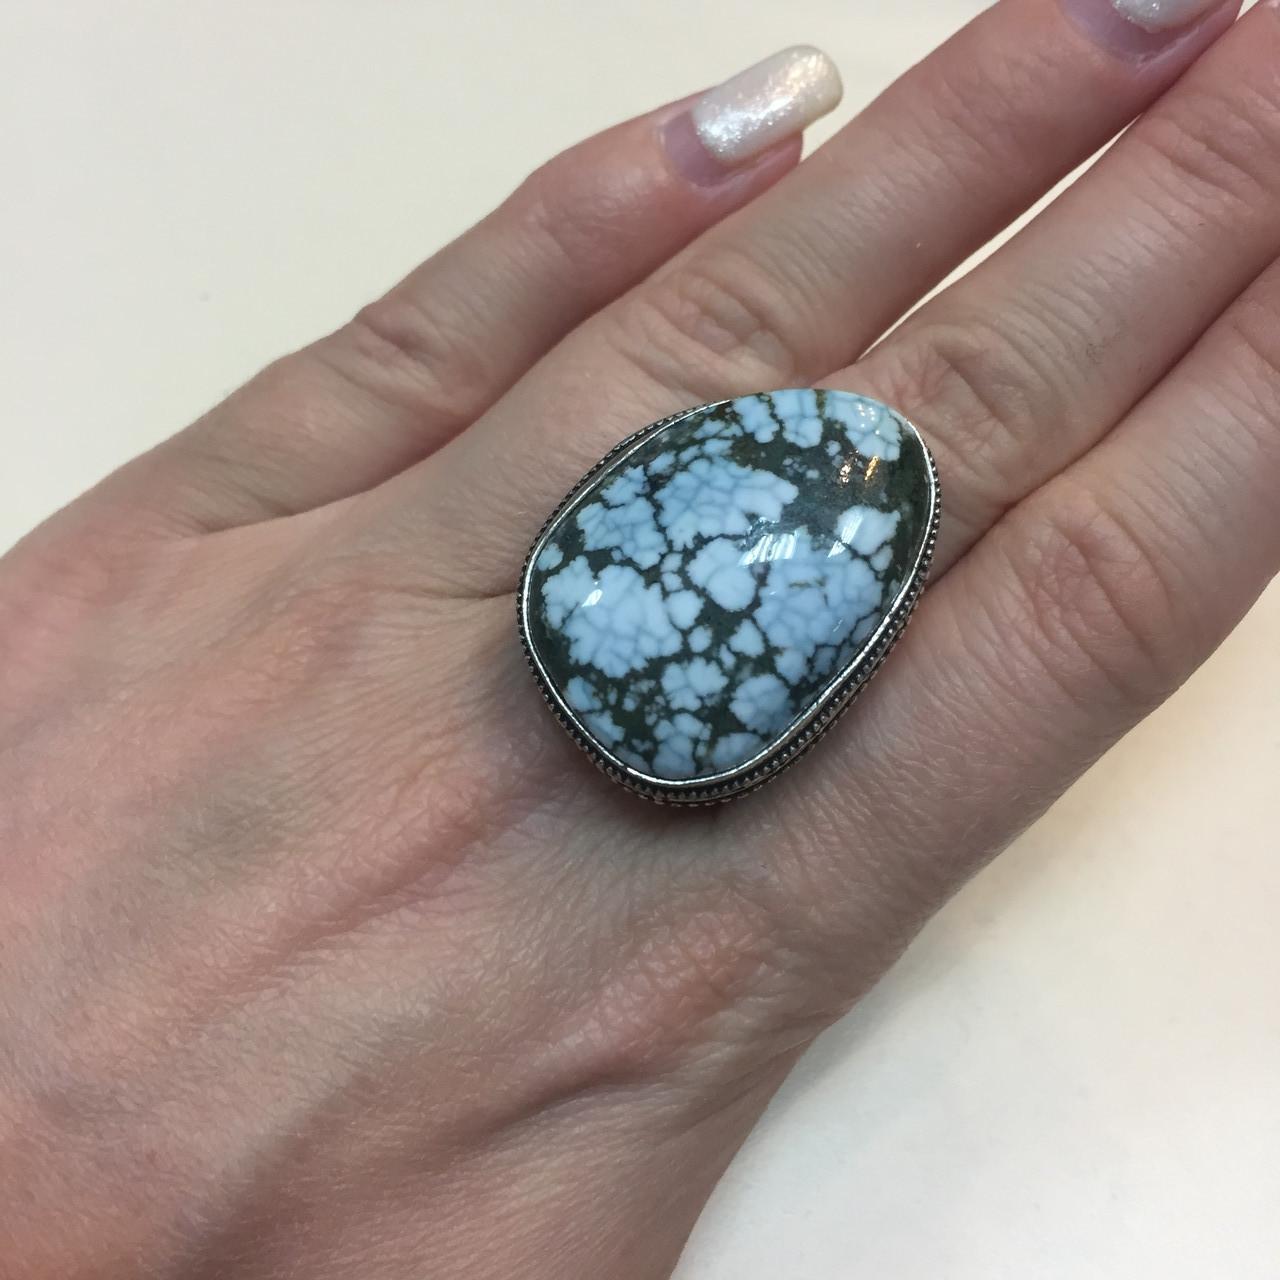 Красивое кольцо с камнем бирюза в серебре. Кольцо с бирюзой 17.5-18 размер